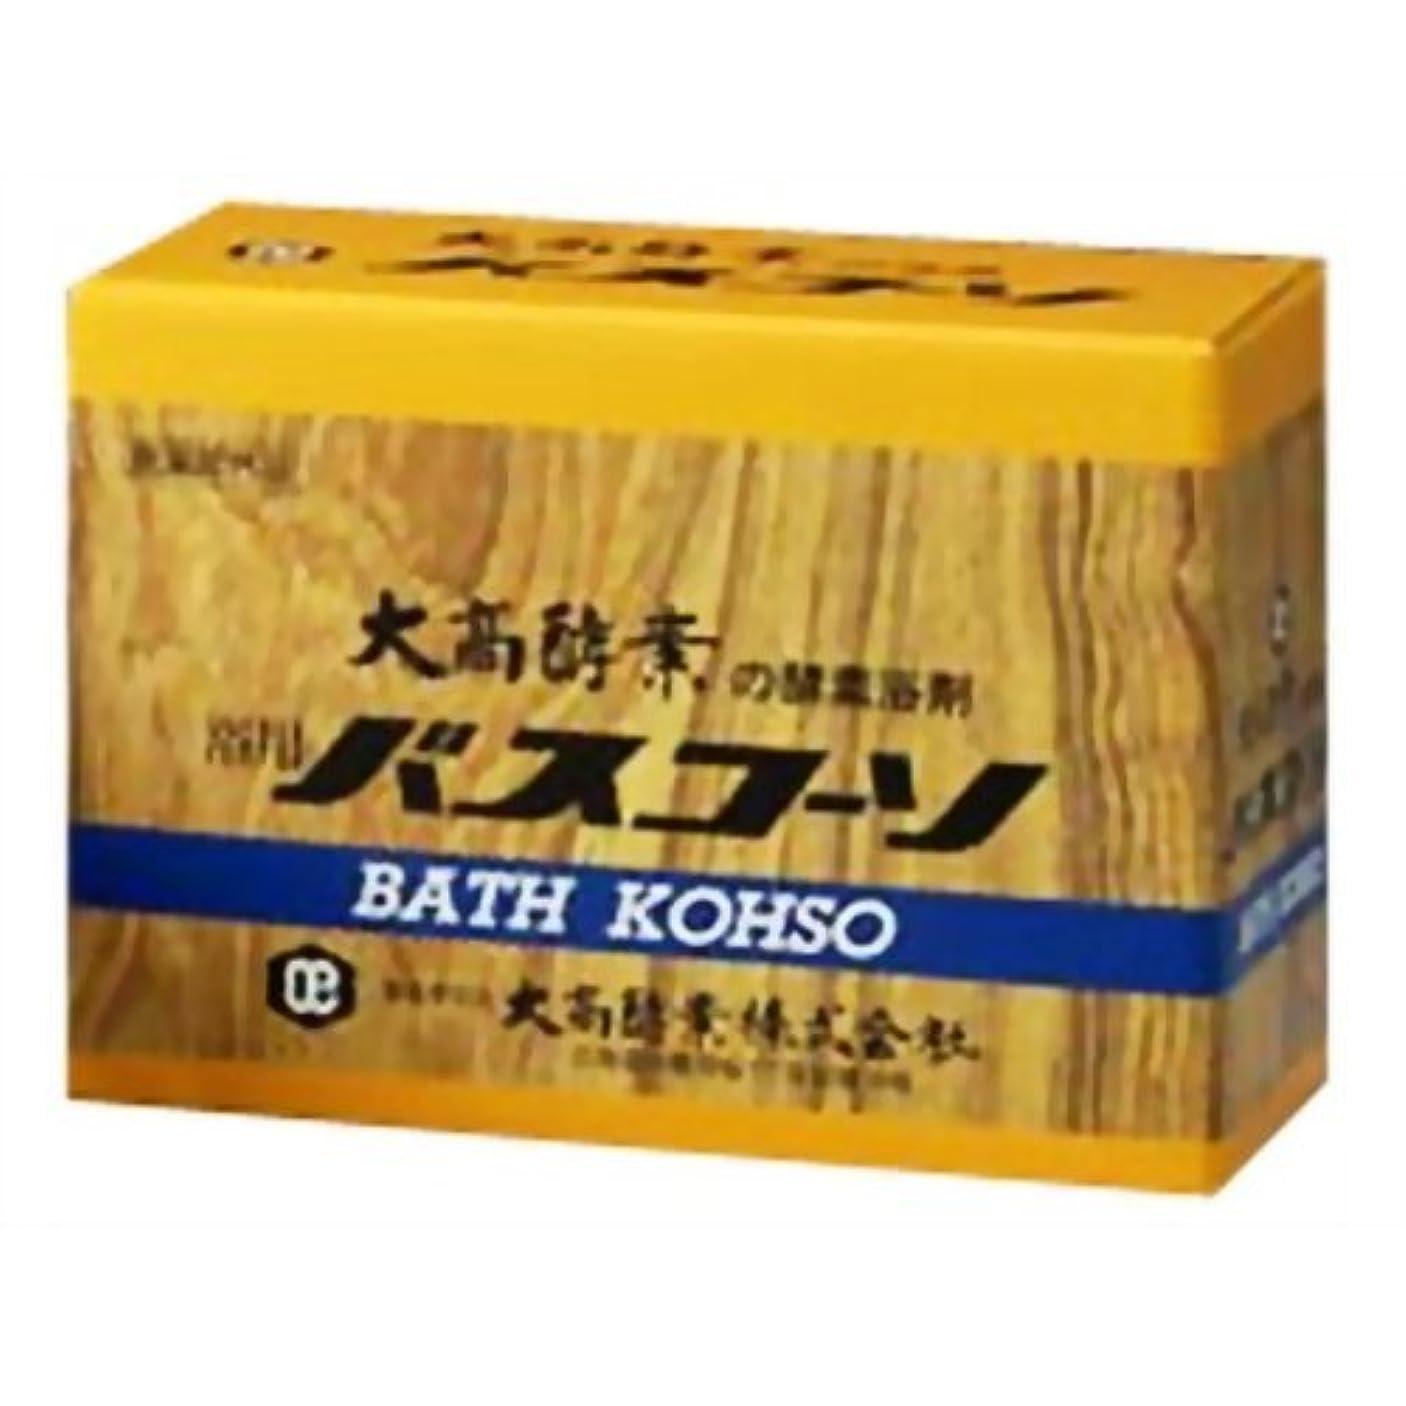 配るカポックく大高酵素 浴用バスコーソ 100gx6